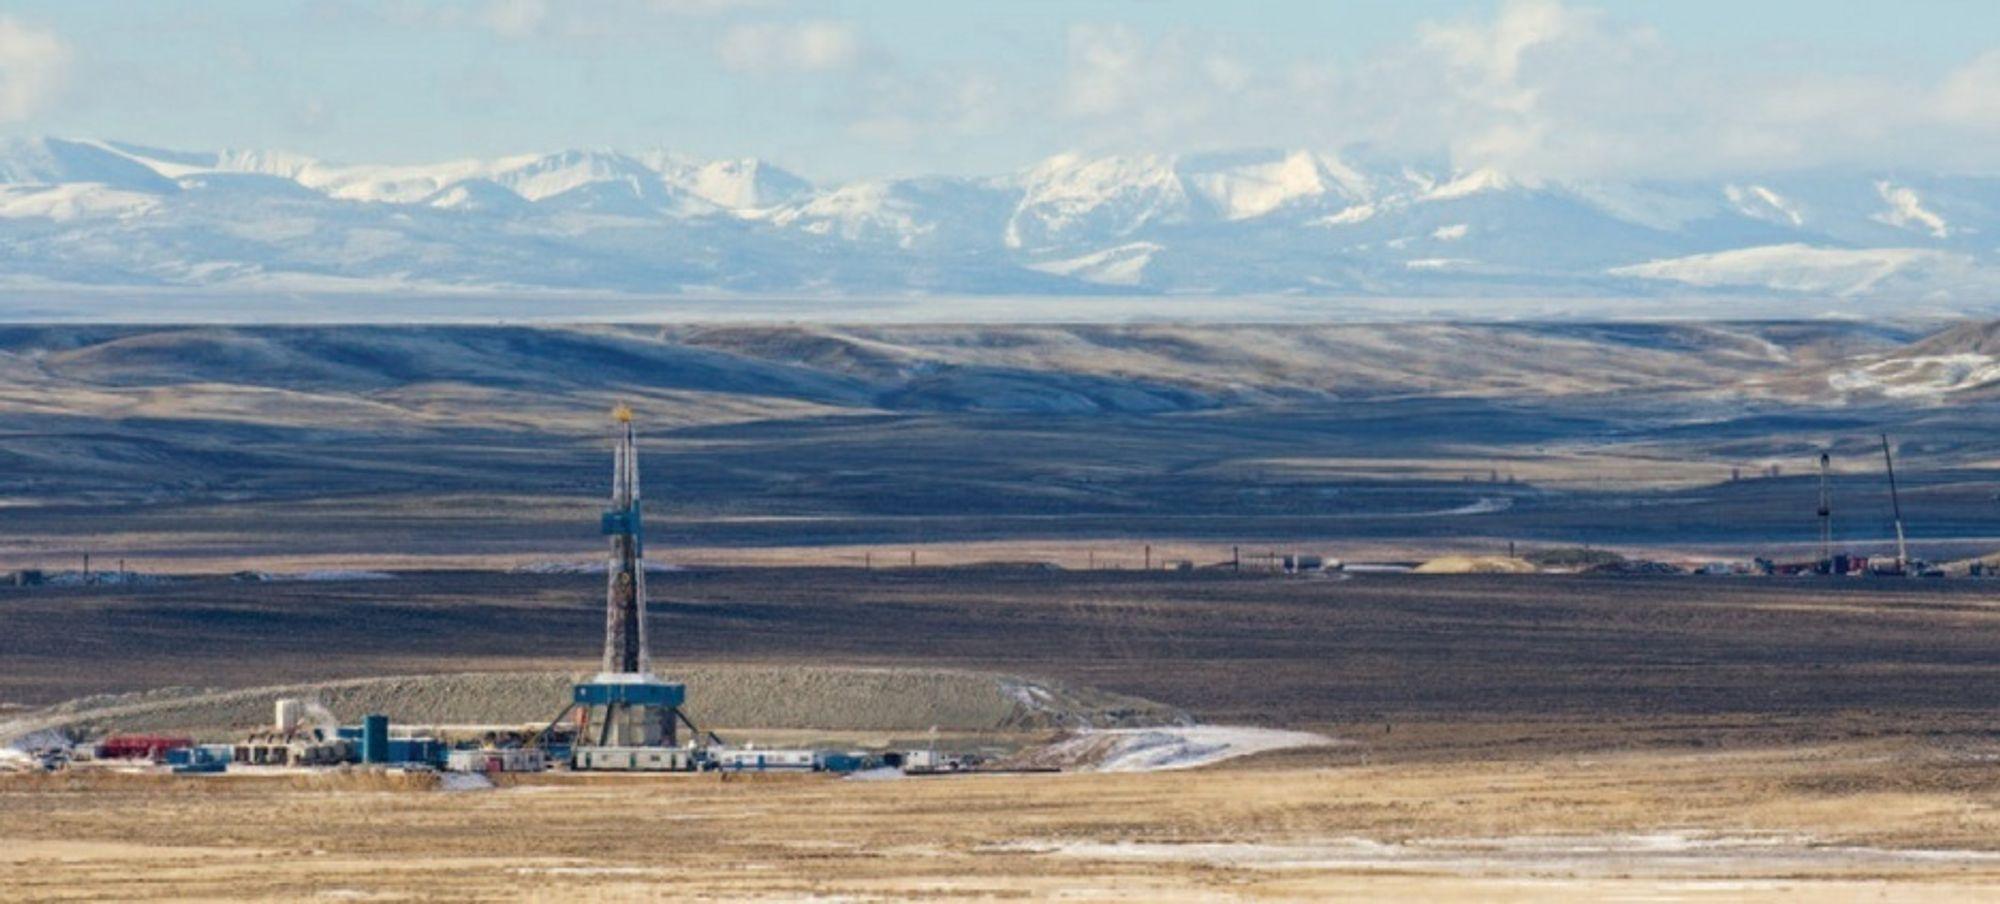 SKIFERGASS: Dette er en av Halliburtons brønner hvor de borer etter naturgass ved hjelp av fracking, eller oppsprekking av fjellet. Nå trues frackingen i Texas av den verste tørken på minst 116 år.